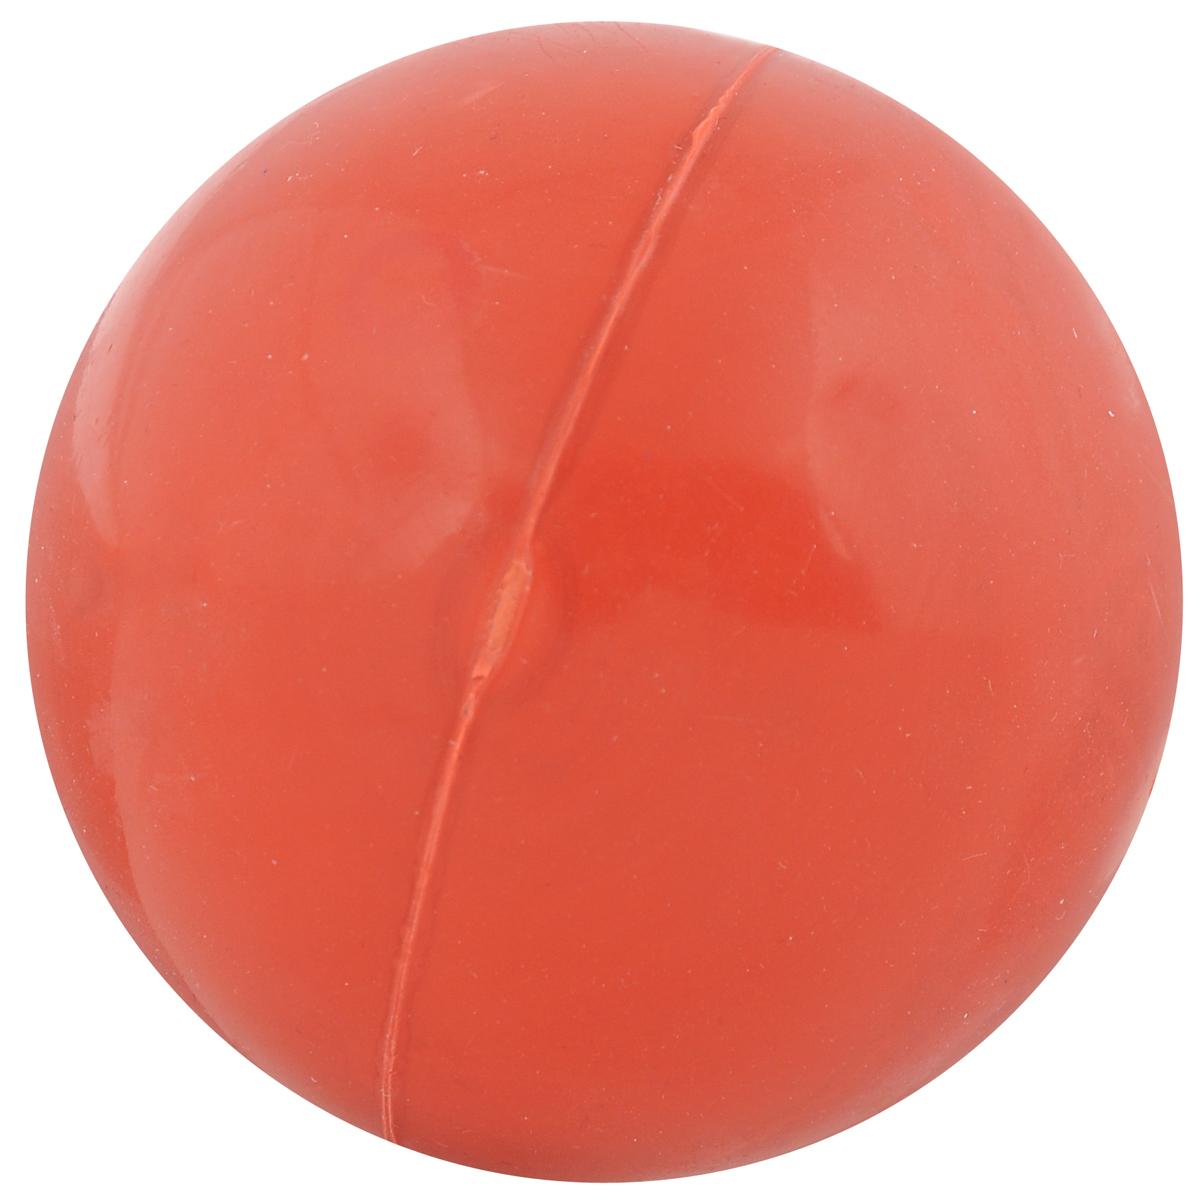 Игрушка для собак I.P.T.S. Мяч, цвет: красный, диаметр 9 см0120710Игрушка для собак I.P.T.S. Мяч изготовлена из прочной цветной литой резины. Предназначена для игр с собакой любого возраста. Такая игрушка привлечет внимание вашего любимца и не оставит его равнодушным. Диаметр: 9 см.